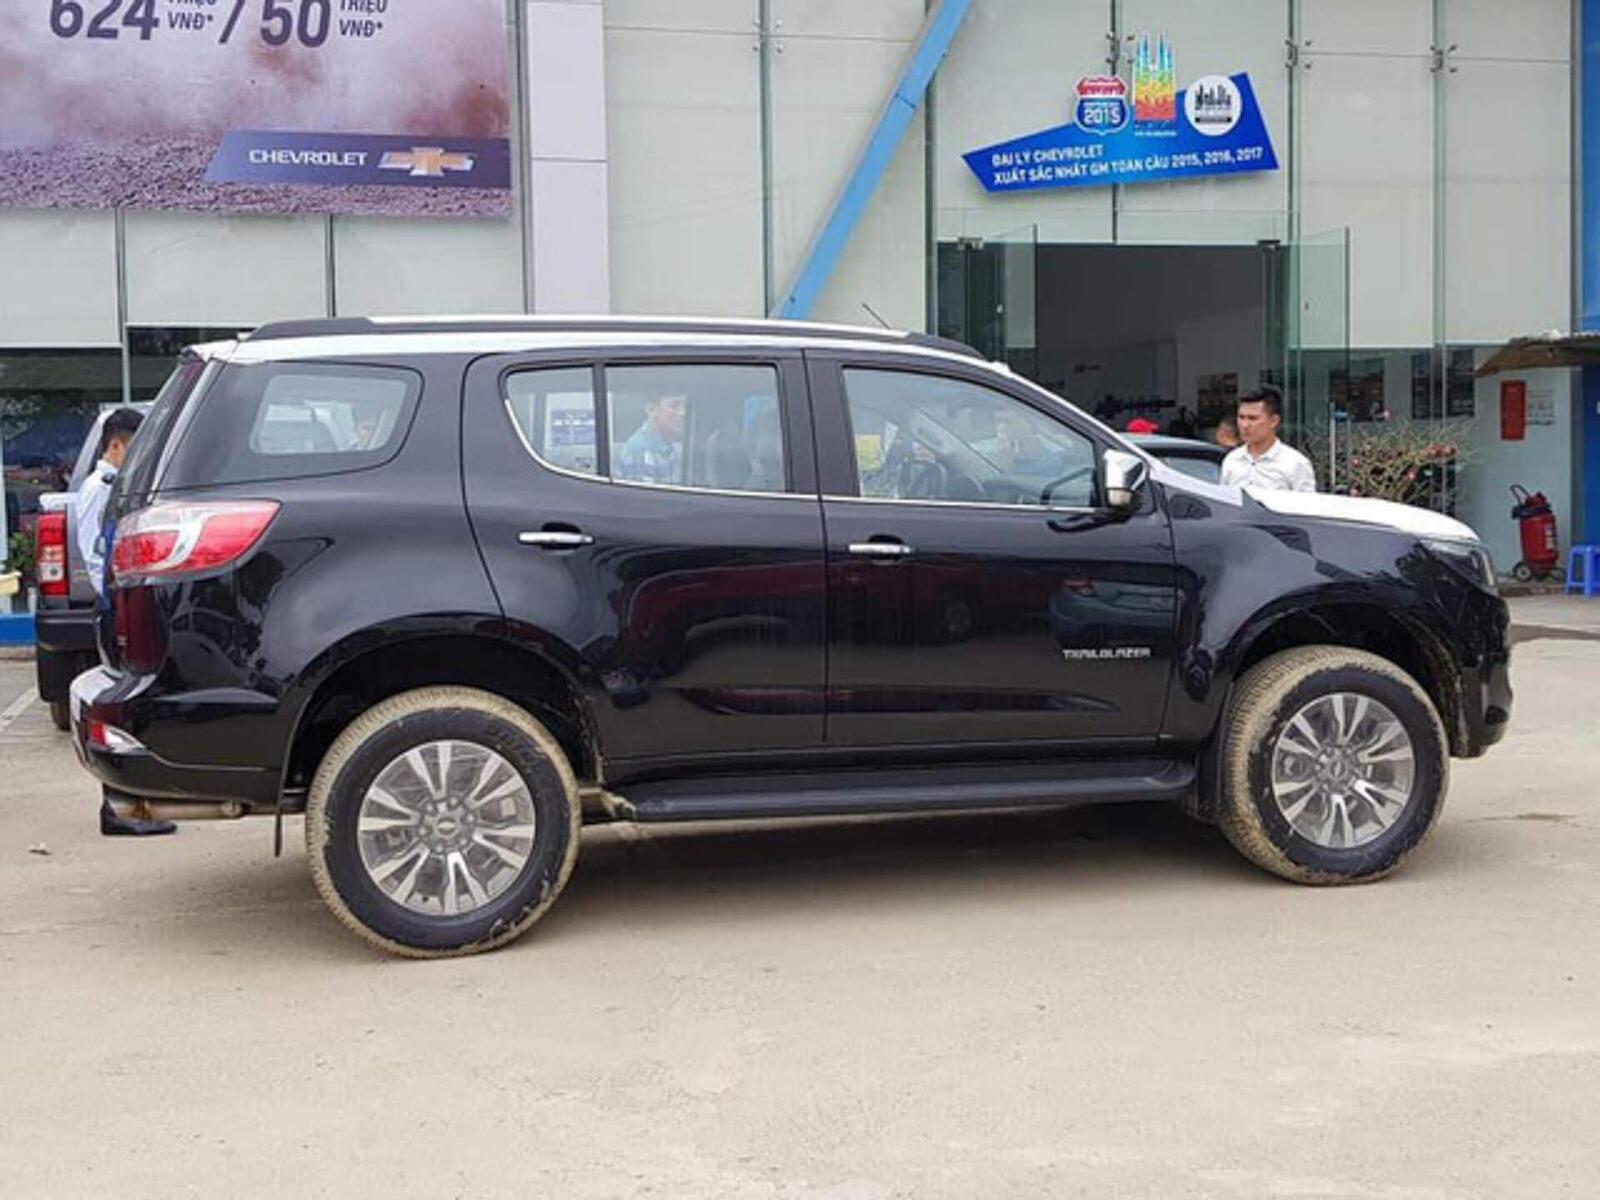 Lô Chevrolet Trailblazer đầu tiên xuất hiện tại đại lý - Hình 6